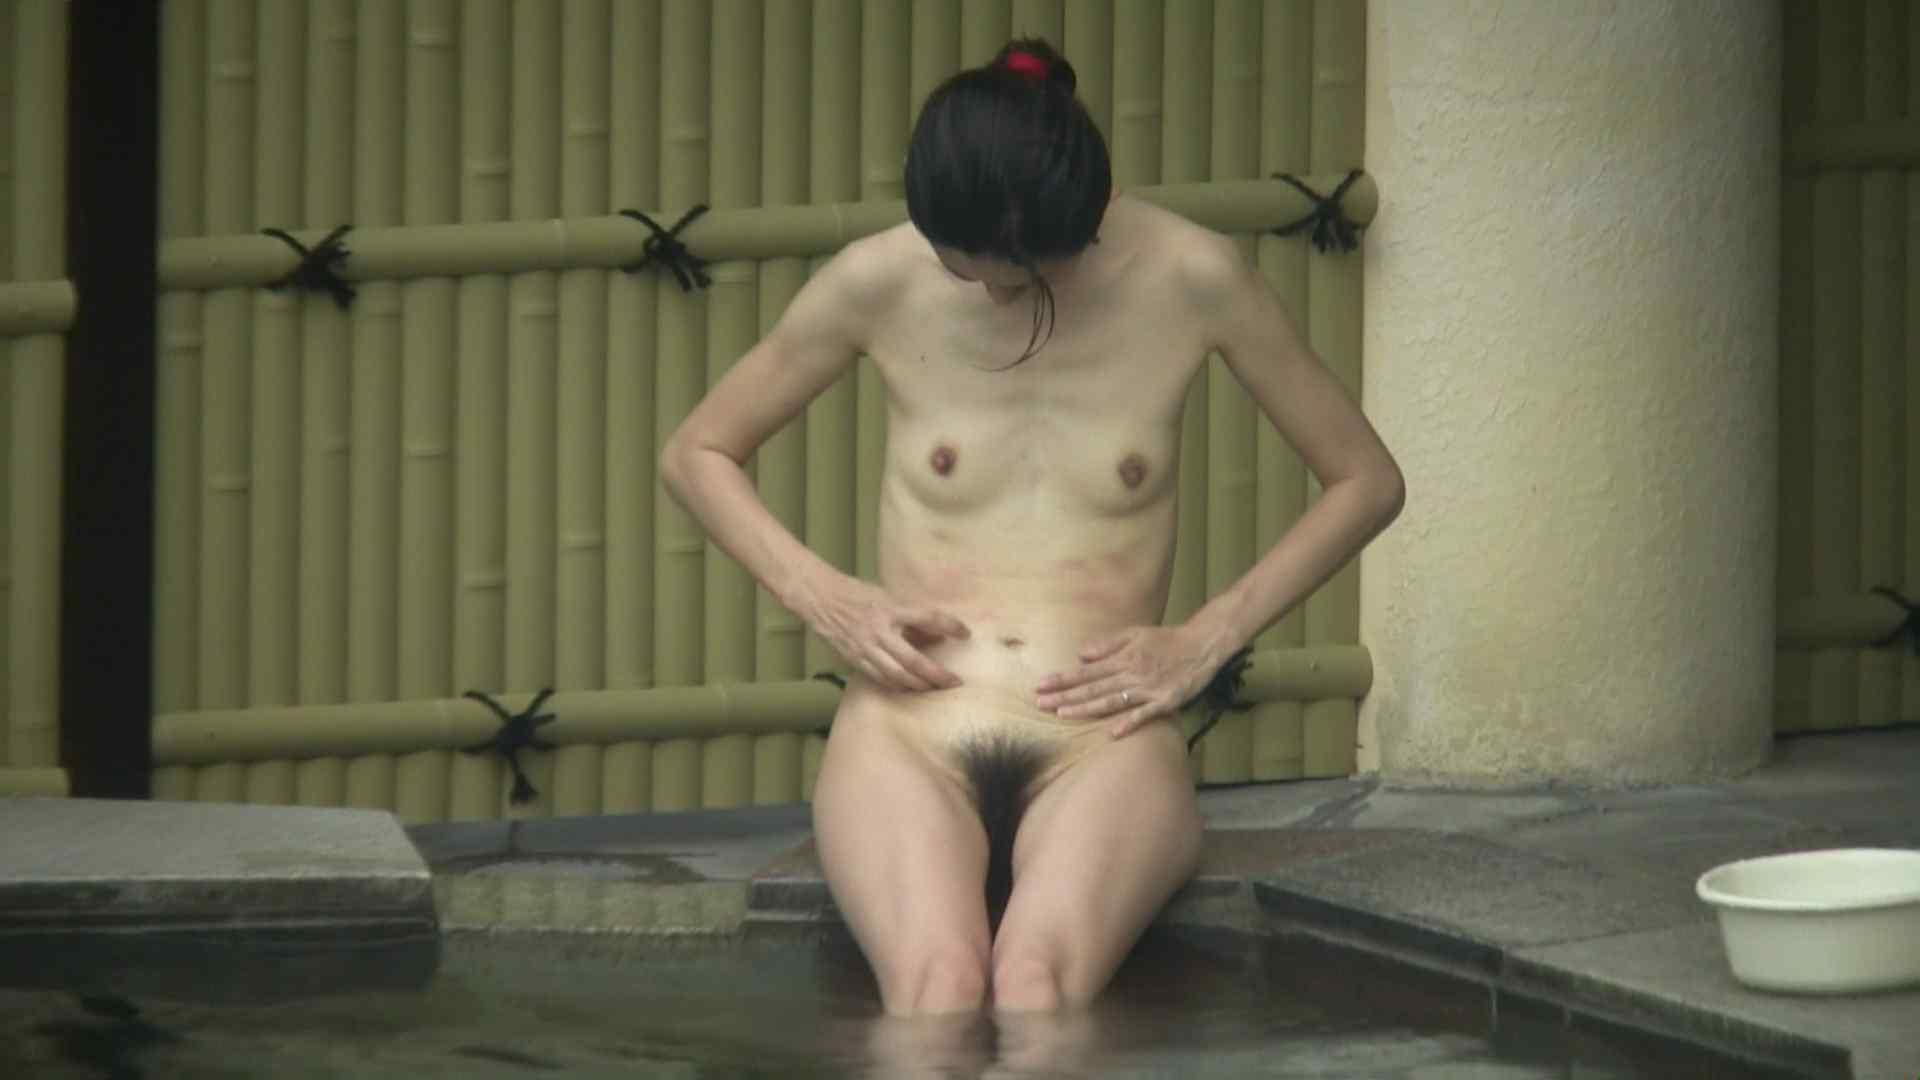 高画質露天女風呂観察 vol.031 望遠映像 | 露天風呂編  104PIX 91